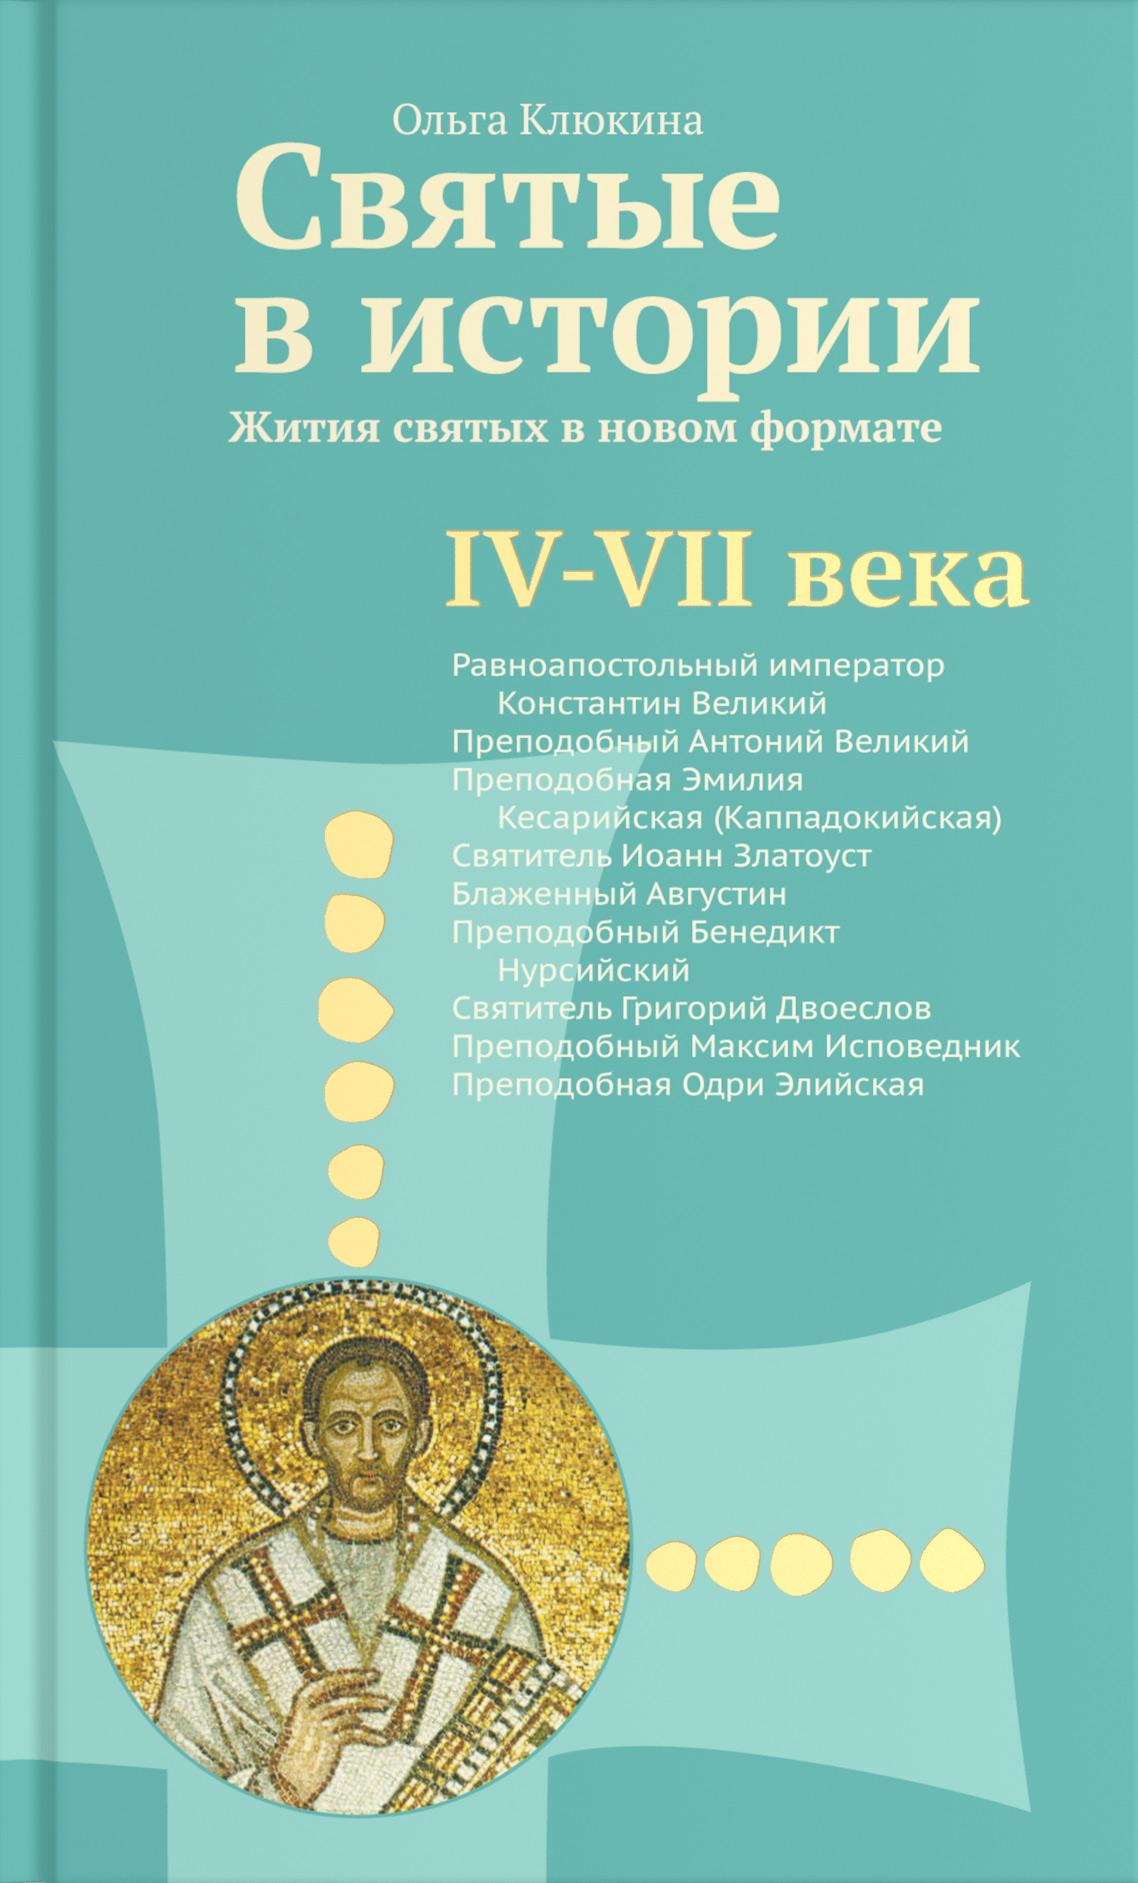 О. П. Клюкина Святые в истории. Жития святых в новом формате. IV–VII века